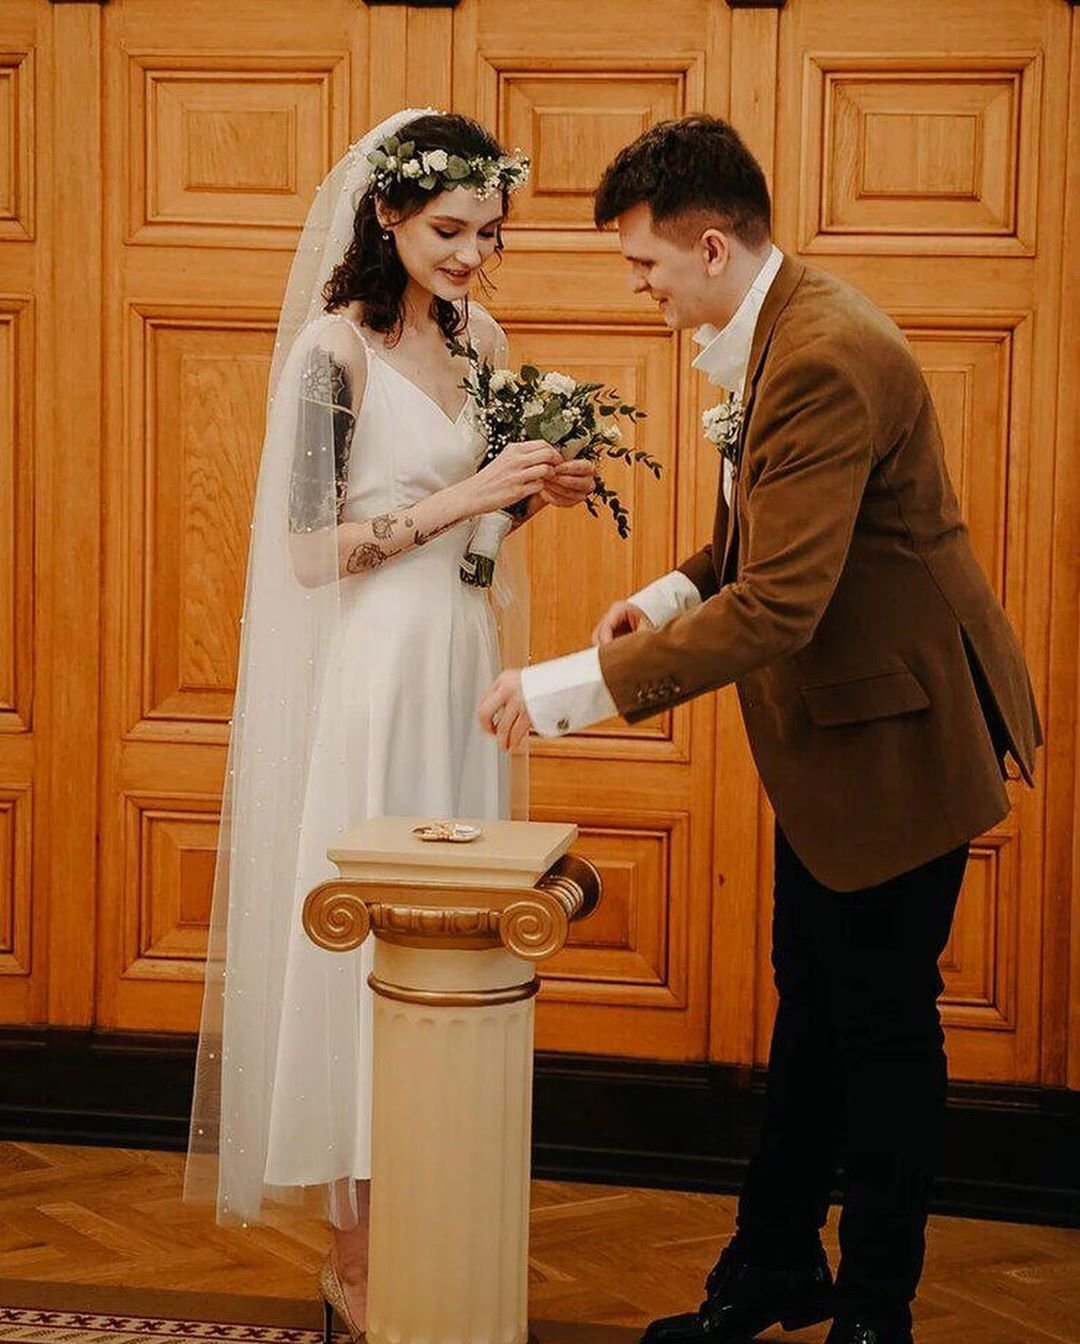 Любовь Толкалина показала свадебные фото дочери